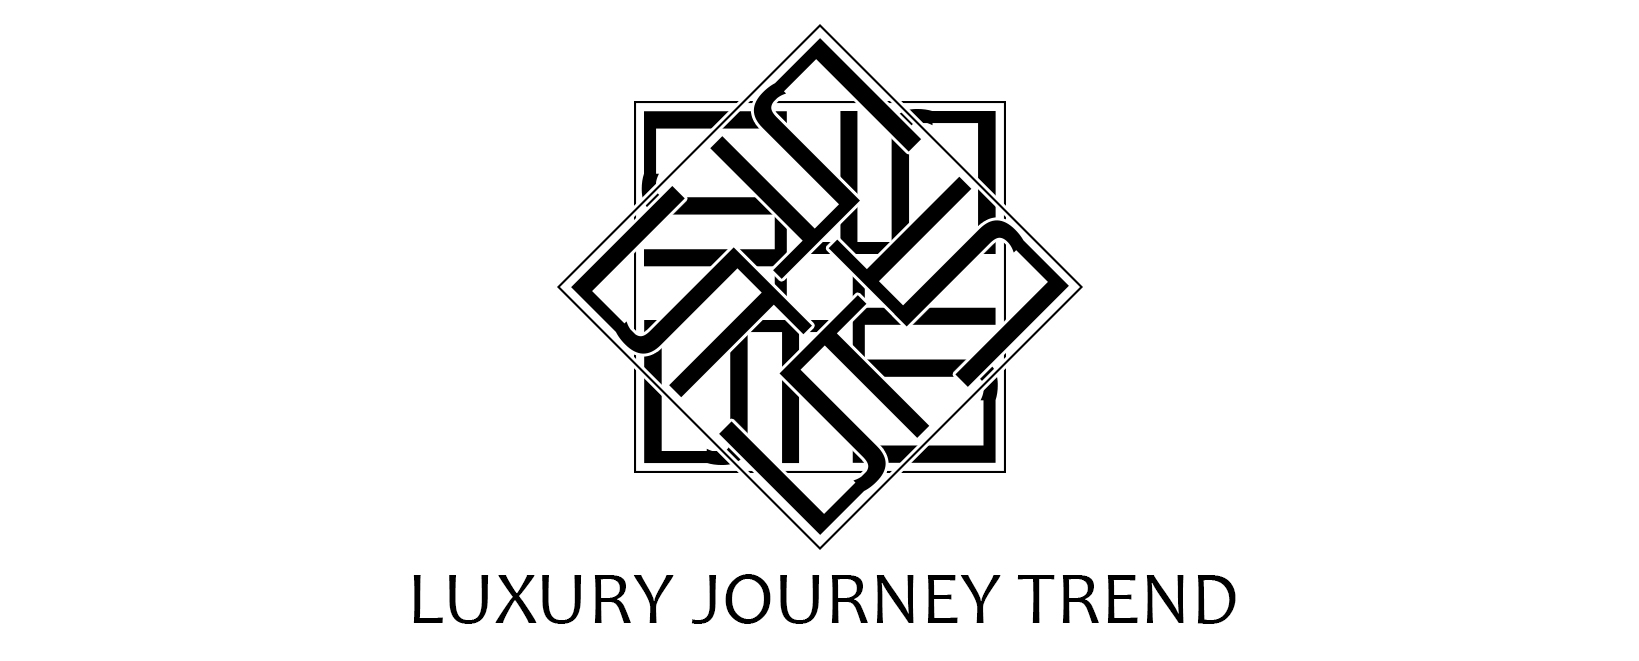 Luxury Journey Trend